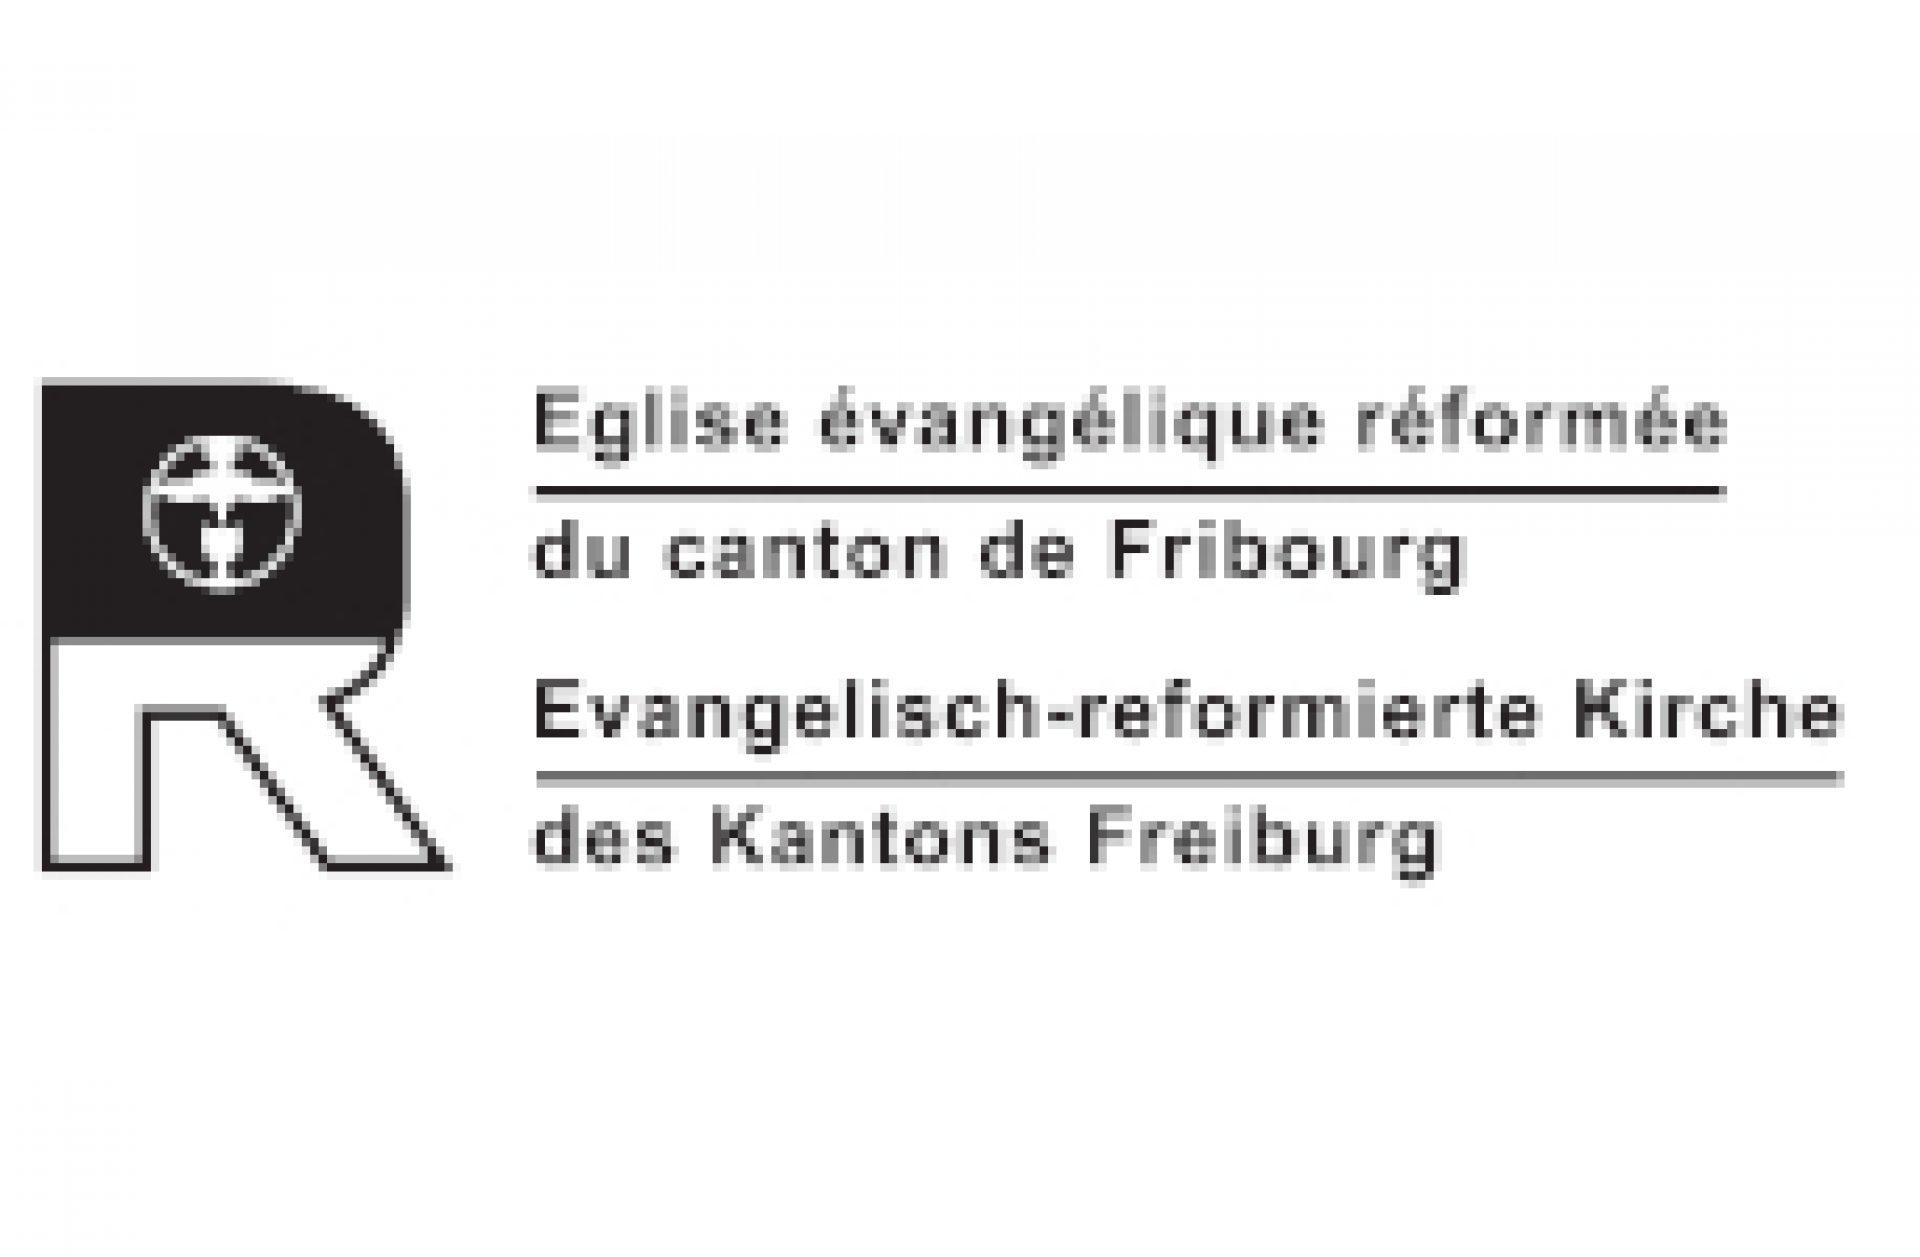 Eglise évangélique réformée du canton de Fribourg